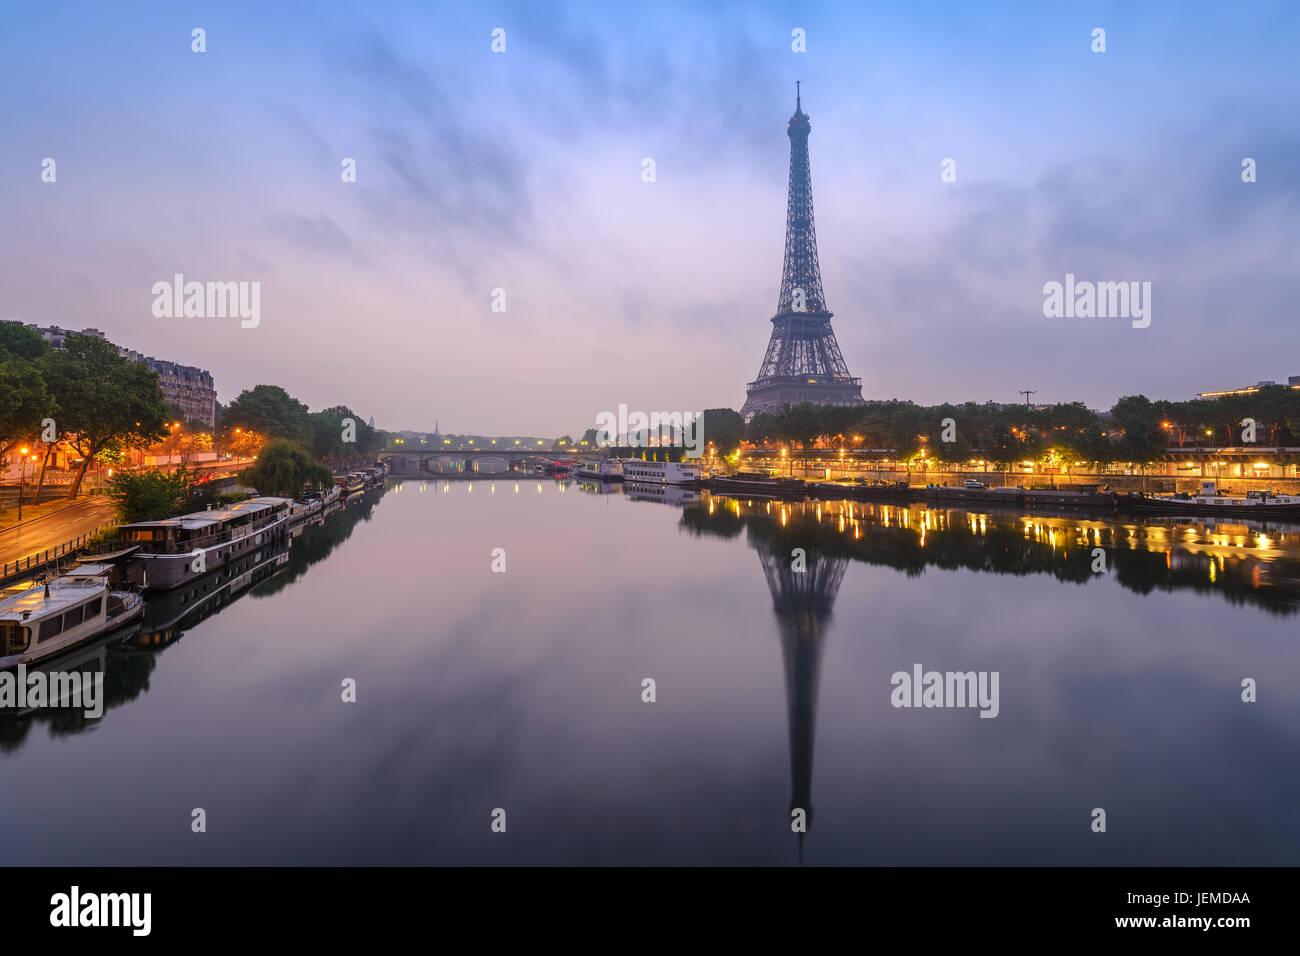 Les toits de la ville de Paris avec la Tour Eiffel et de la Seine River quand le lever du soleil, Paris, France Photo Stock